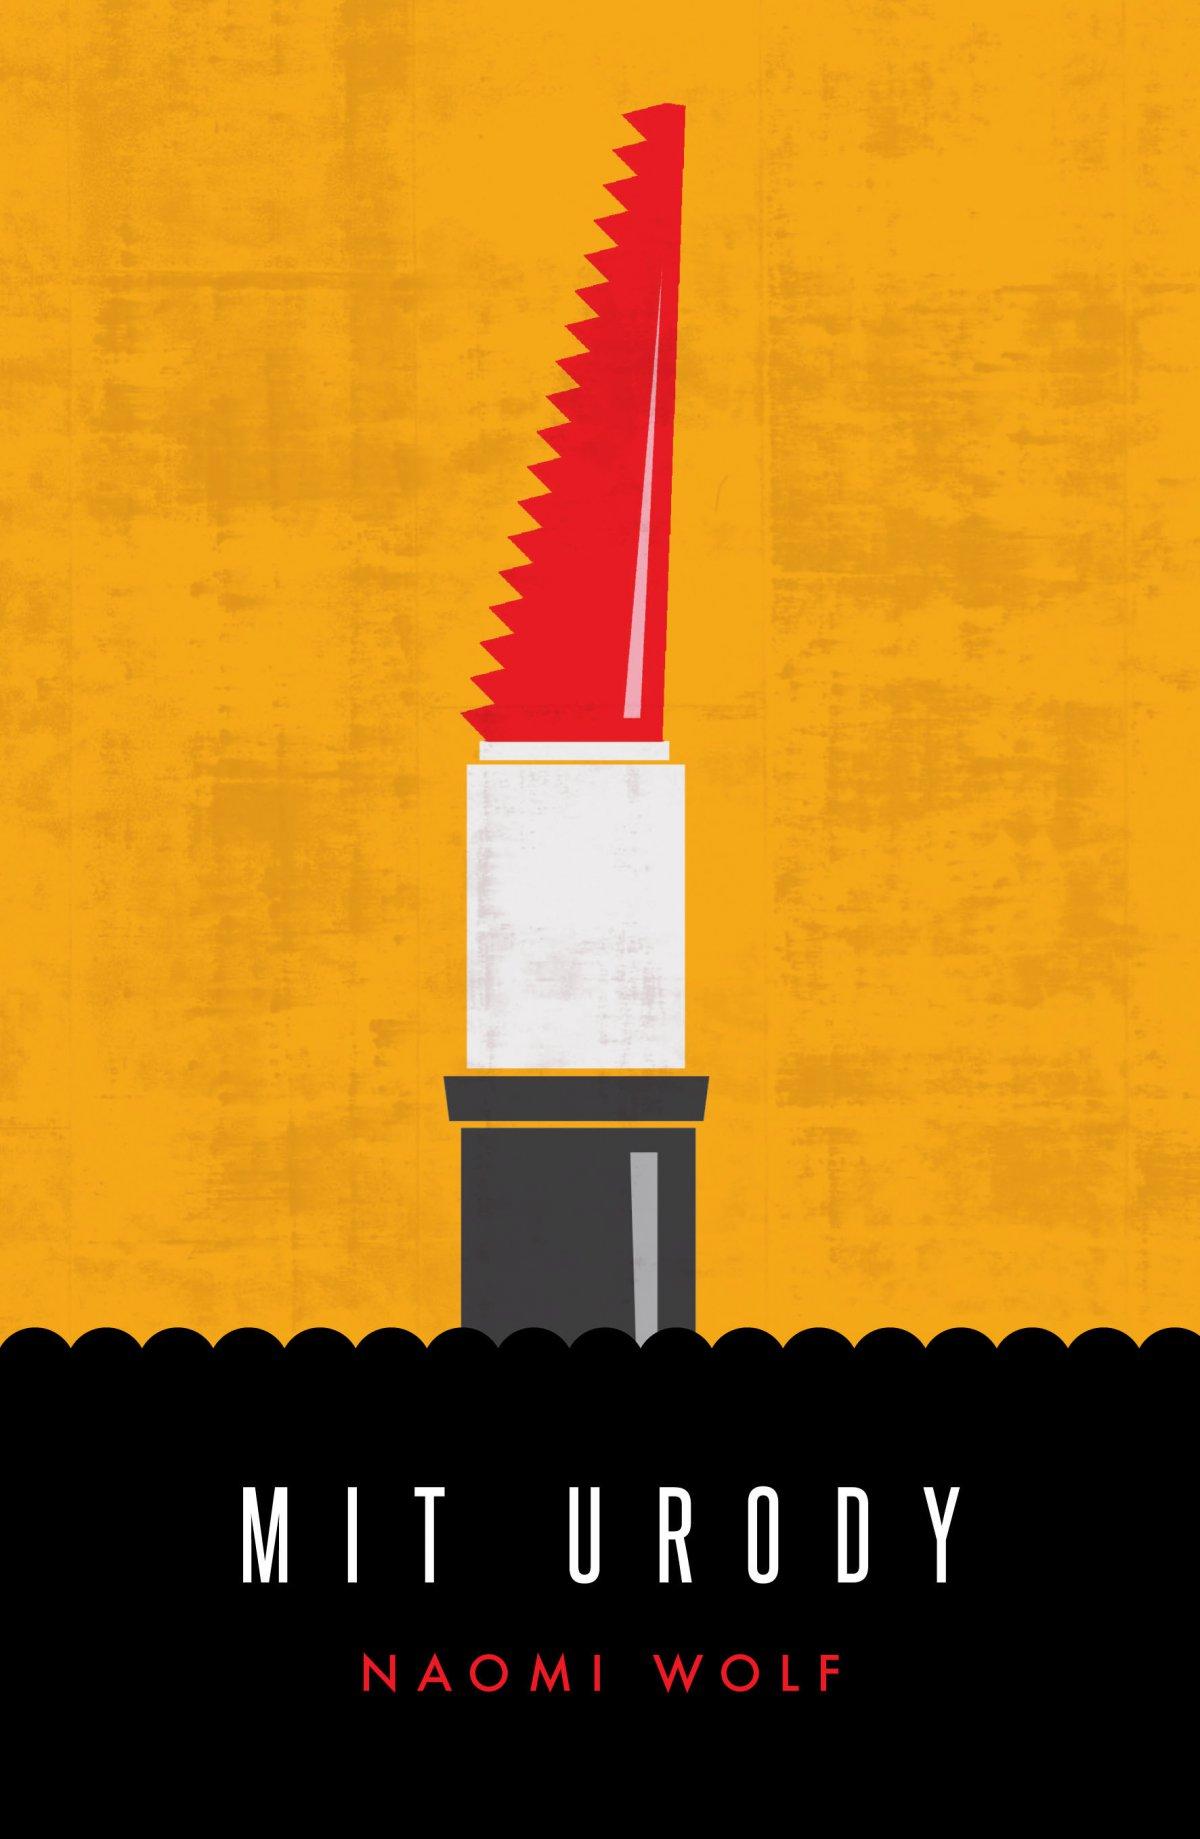 Mit urody - Ebook (Książka na Kindle) do pobrania w formacie MOBI